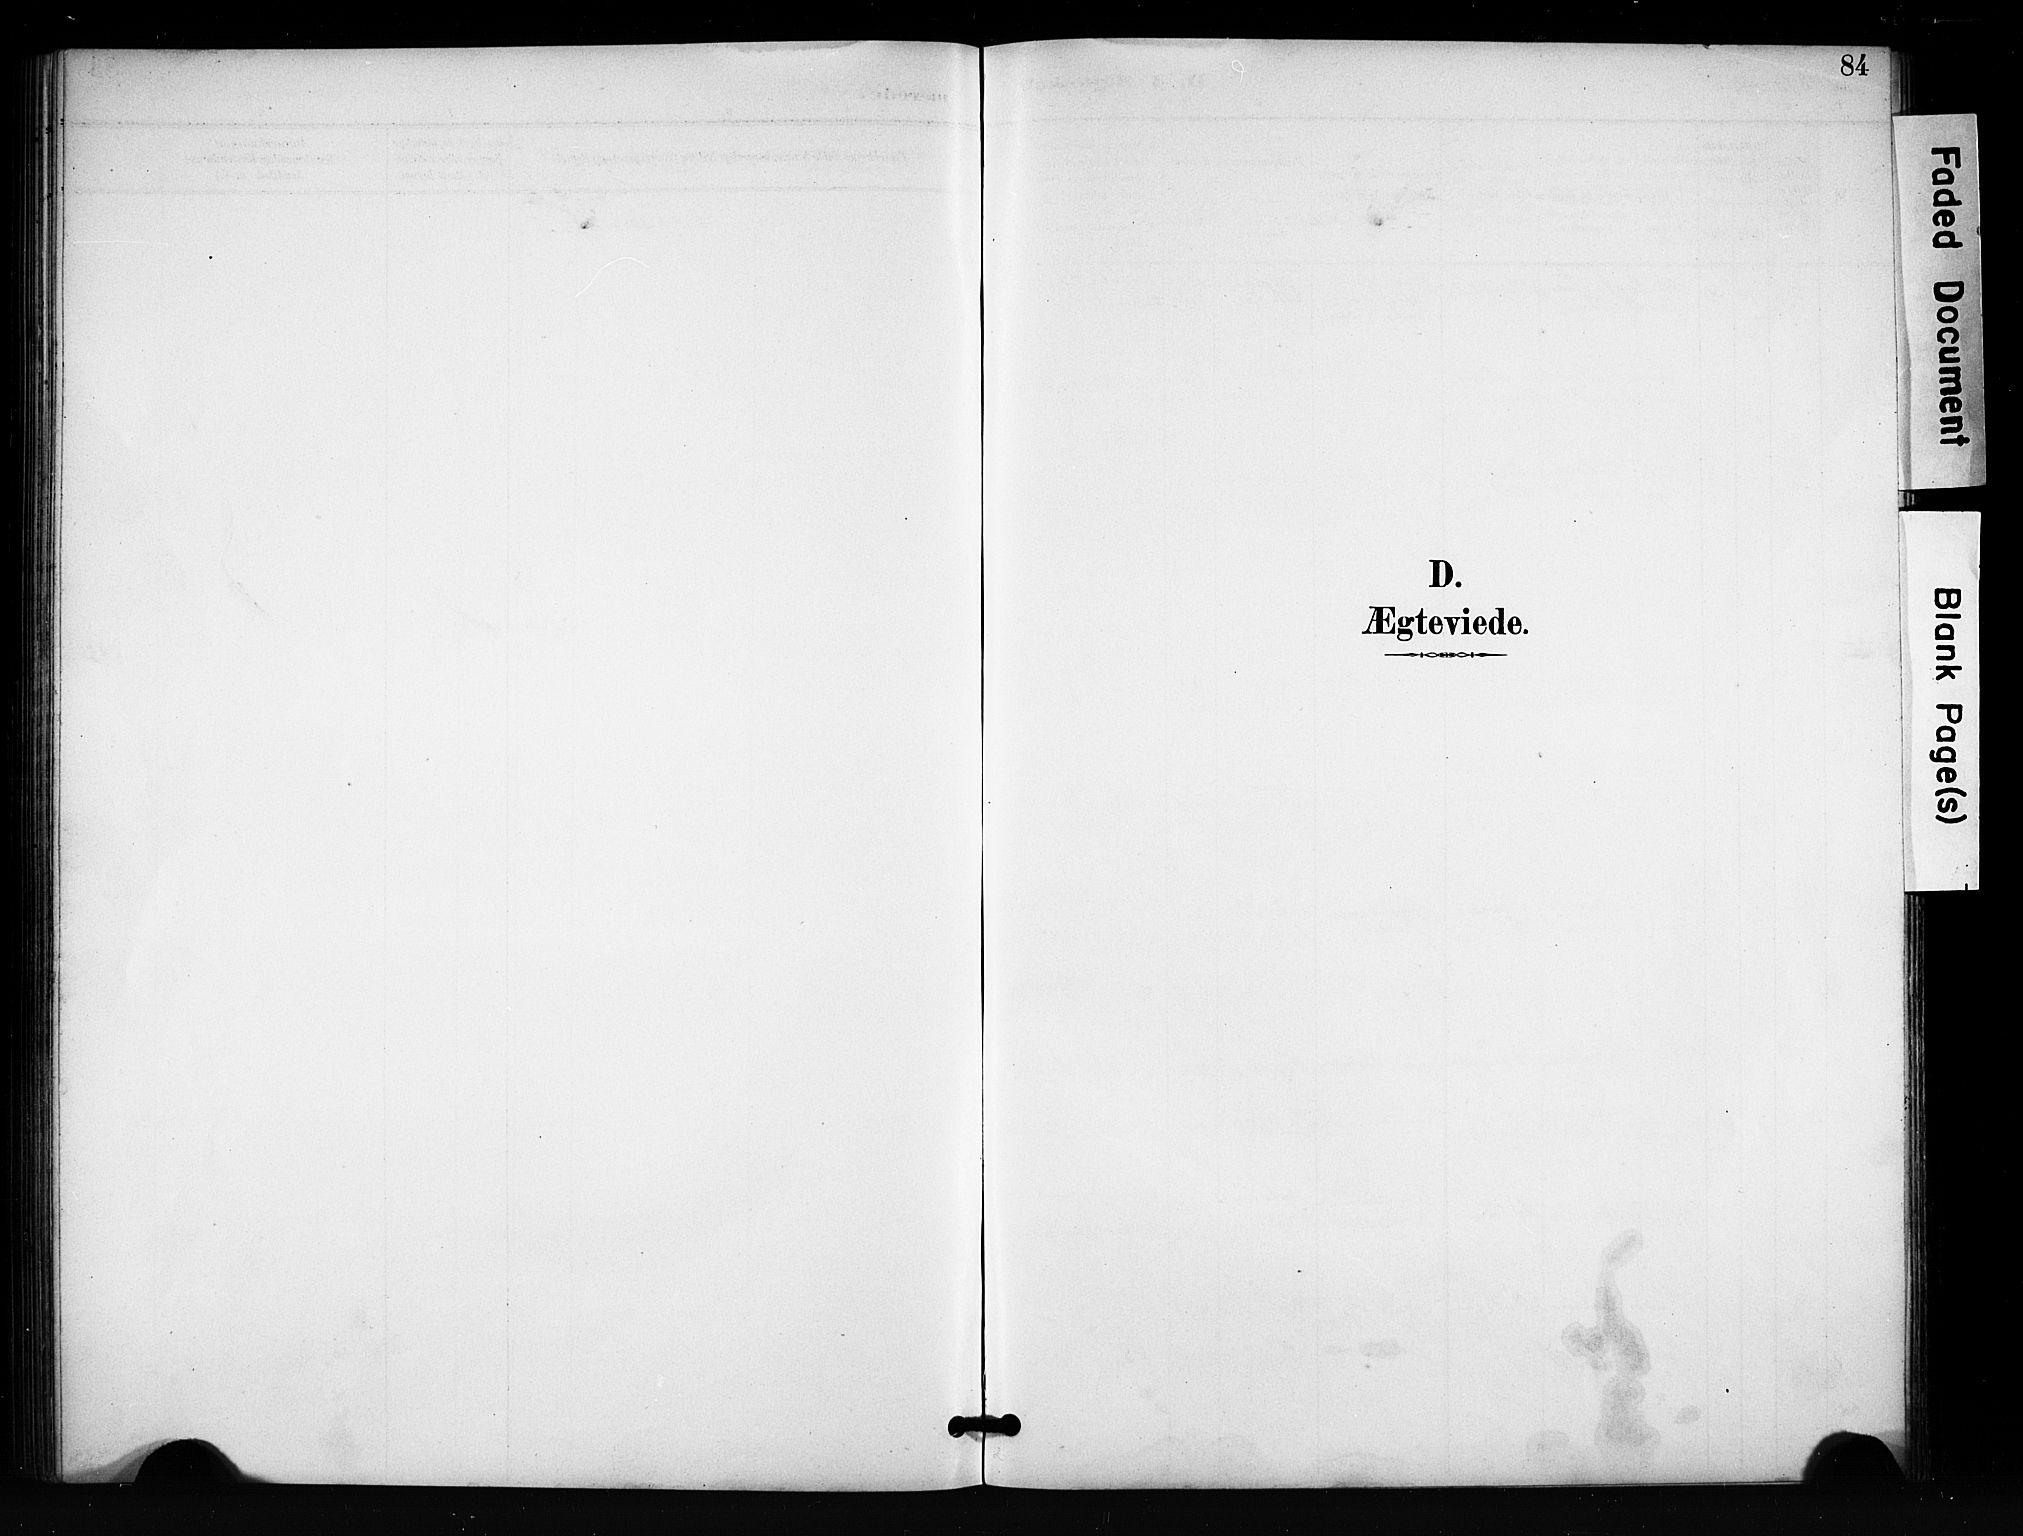 SAH, Vang prestekontor, Valdres, Klokkerbok nr. 7, 1893-1924, s. 84